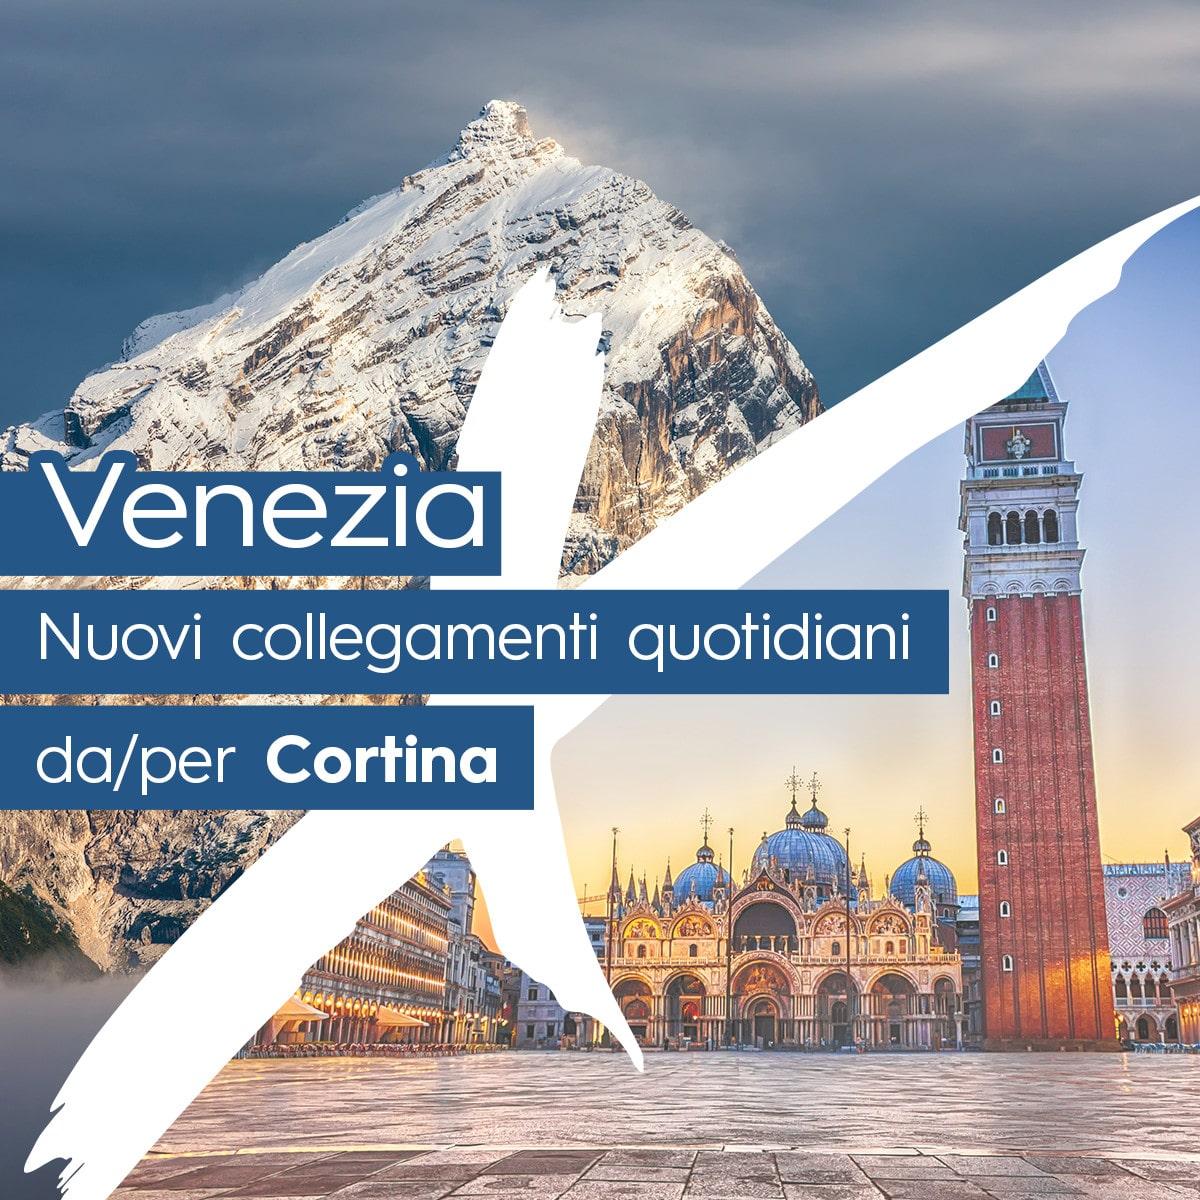 Collegamenti giornalieri Venezia-Cortina